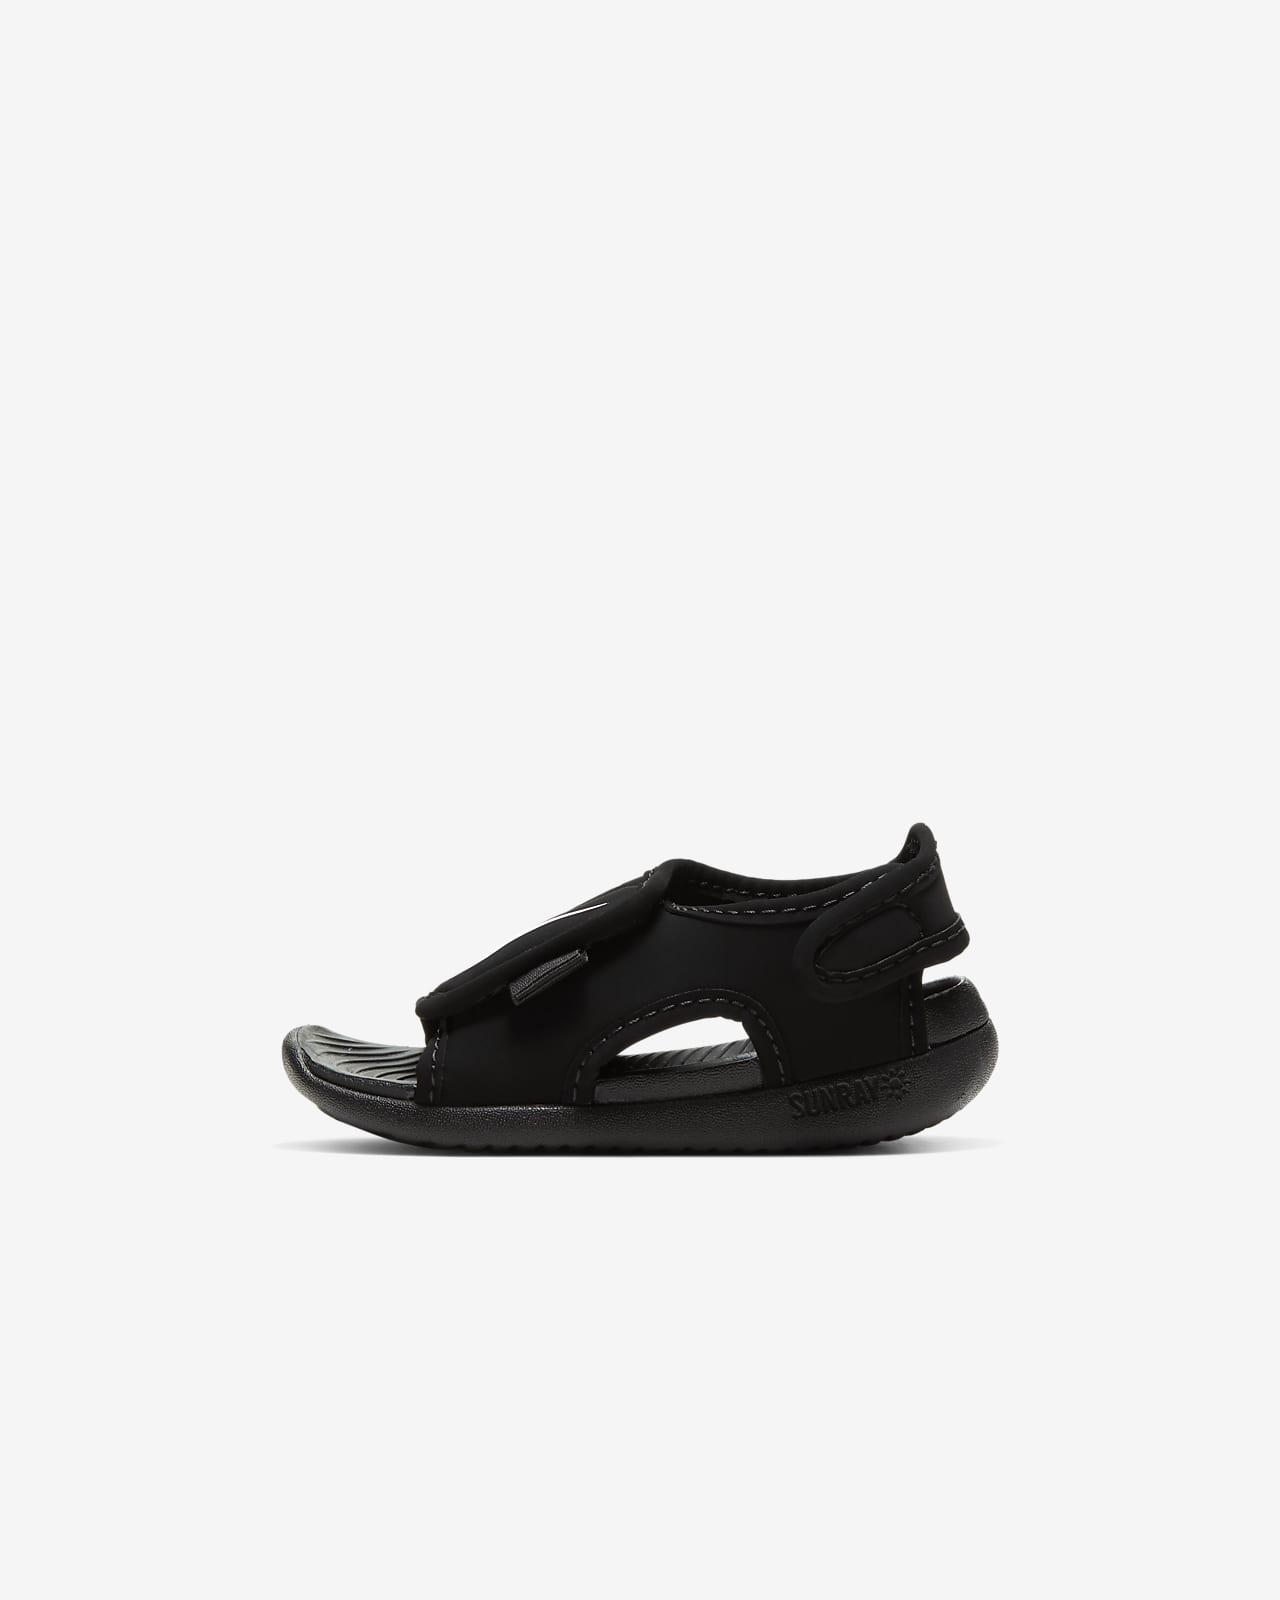 Nike Sunray Adjust 5 V2 Baby/Toddler Sandals